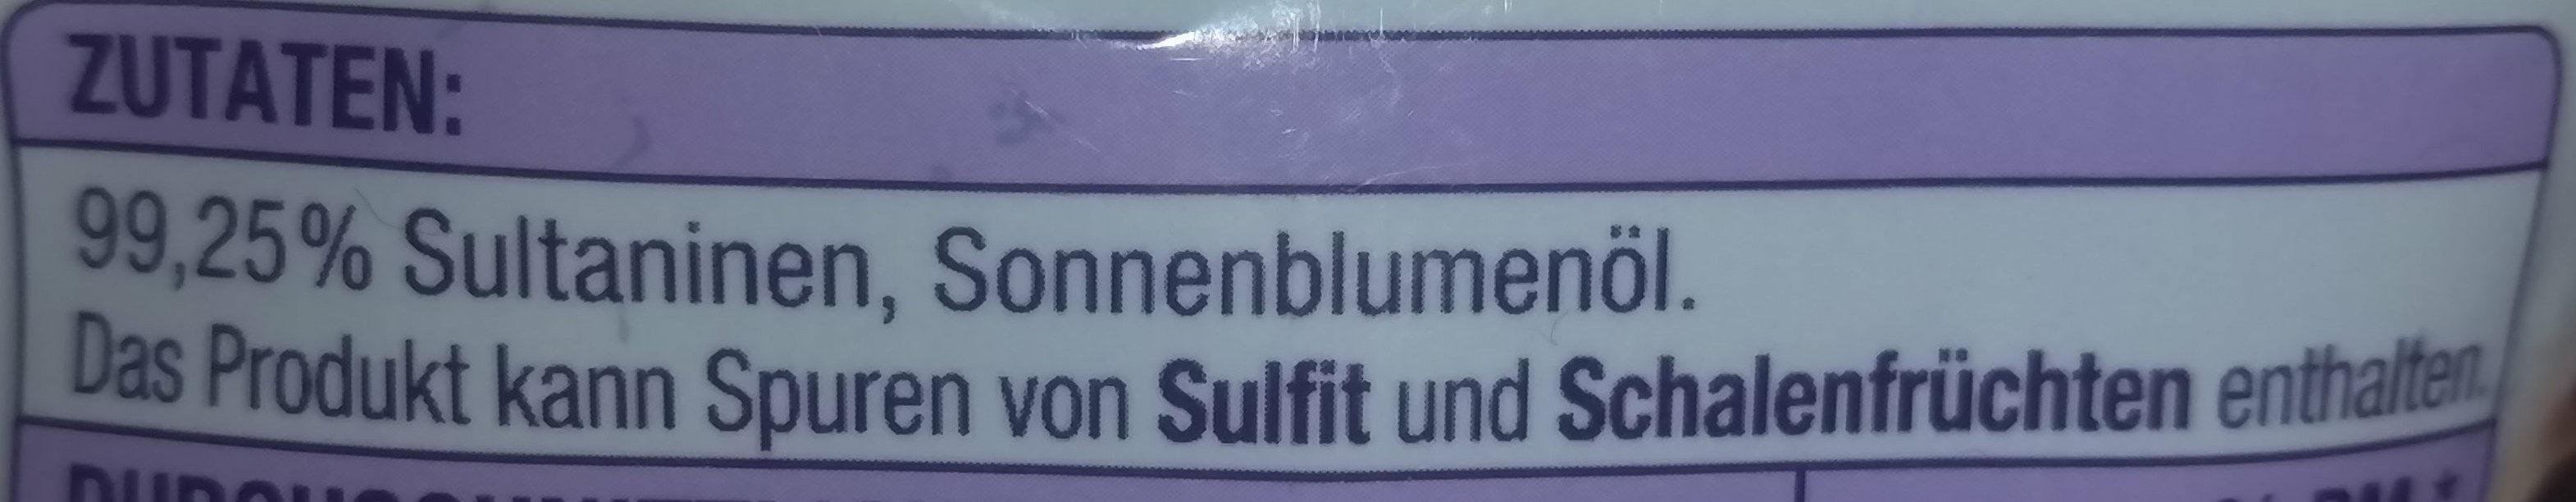 Sultaninen - Ingrédients - de